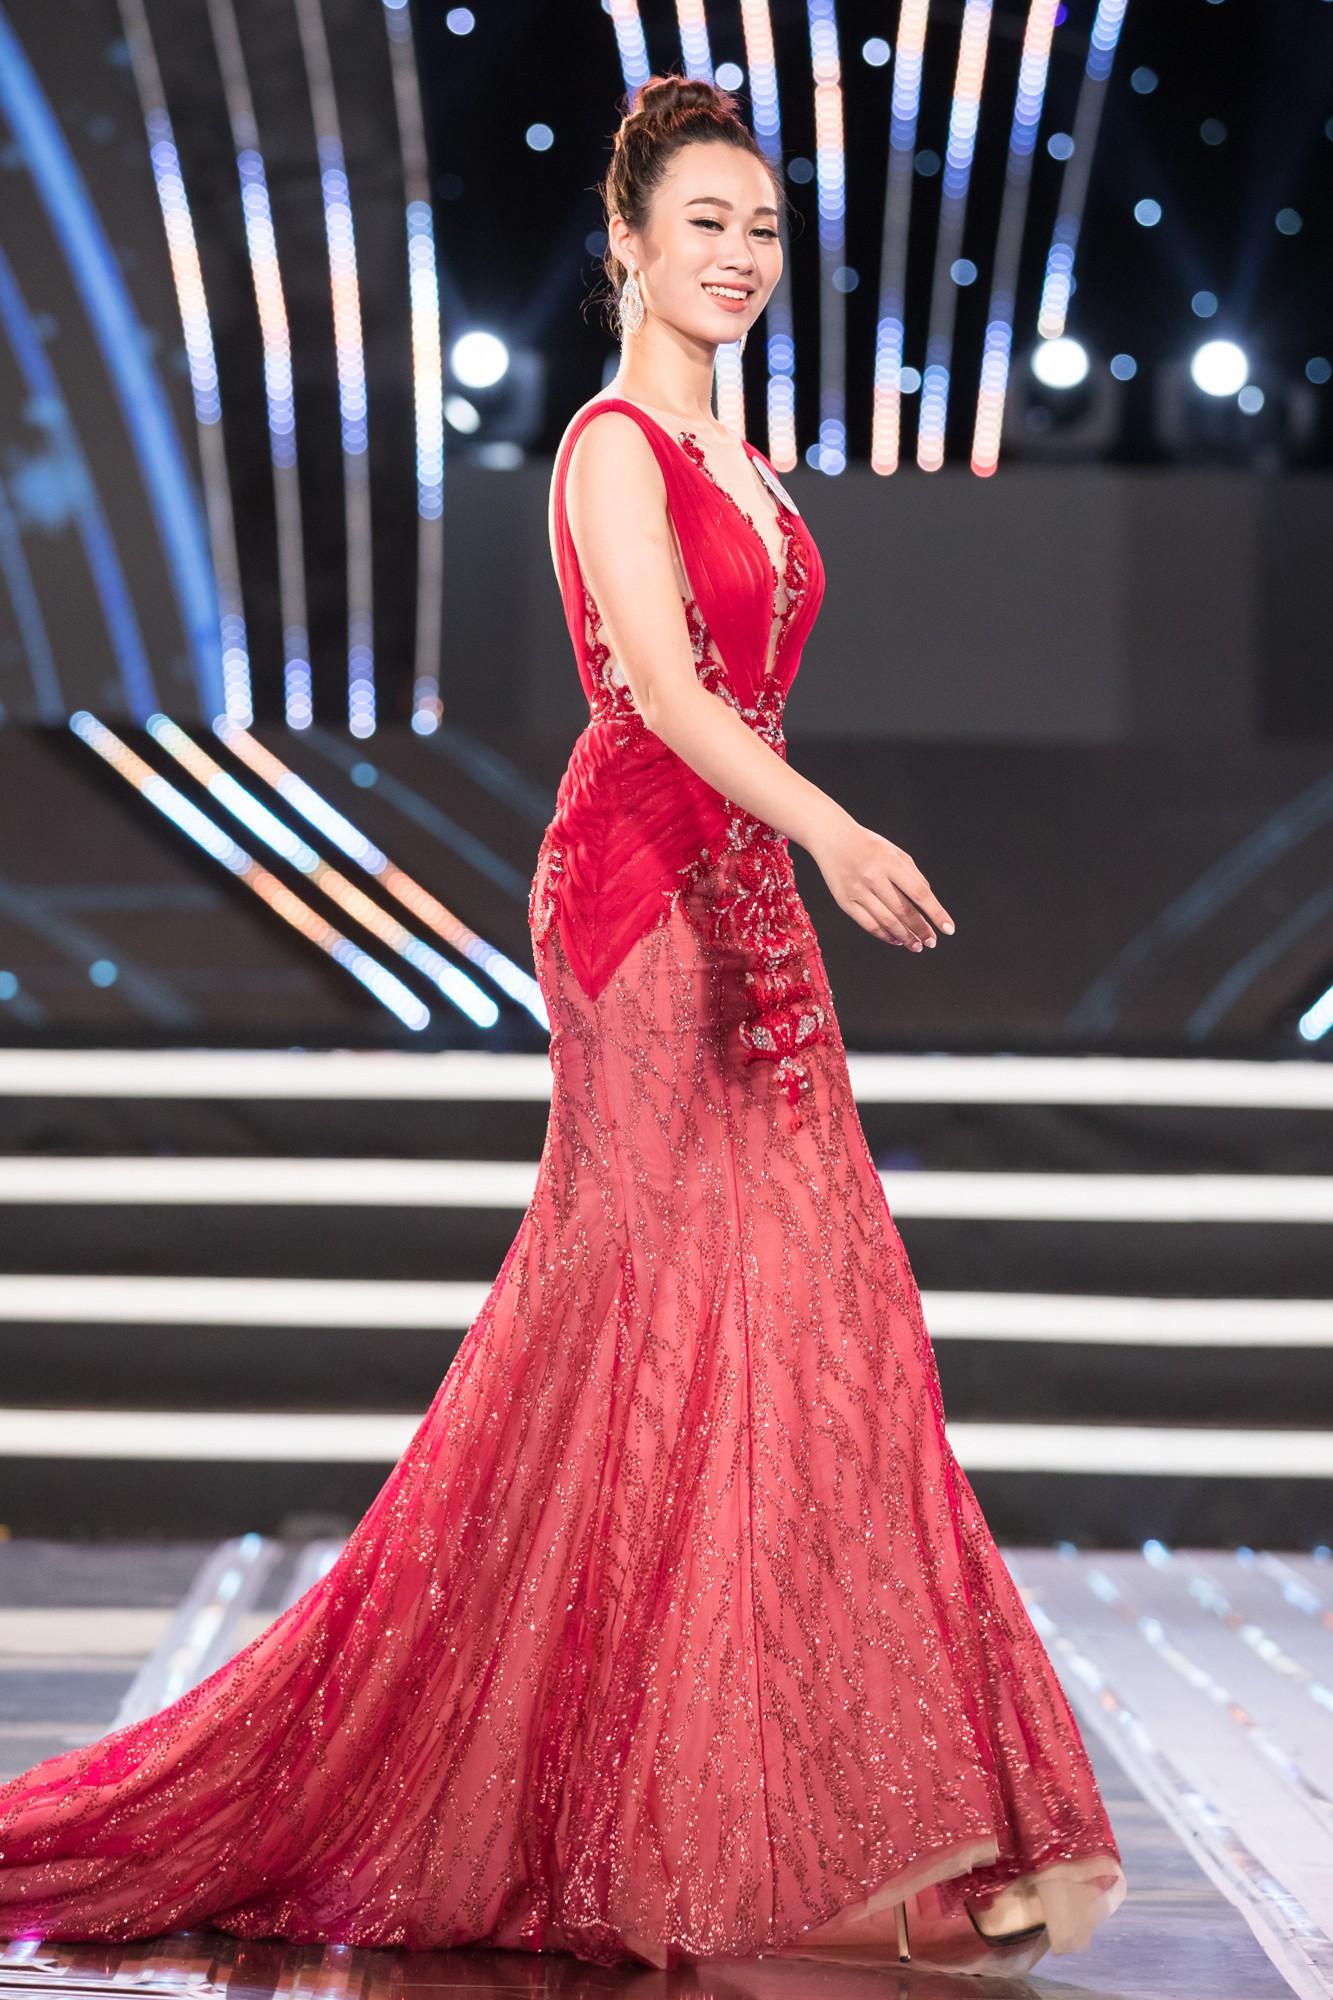 Chính thức lộ diện 20 chiến binh tiếp theo bước vào vòng chung kết Miss World Việt Nam 2019 - Ảnh 3.